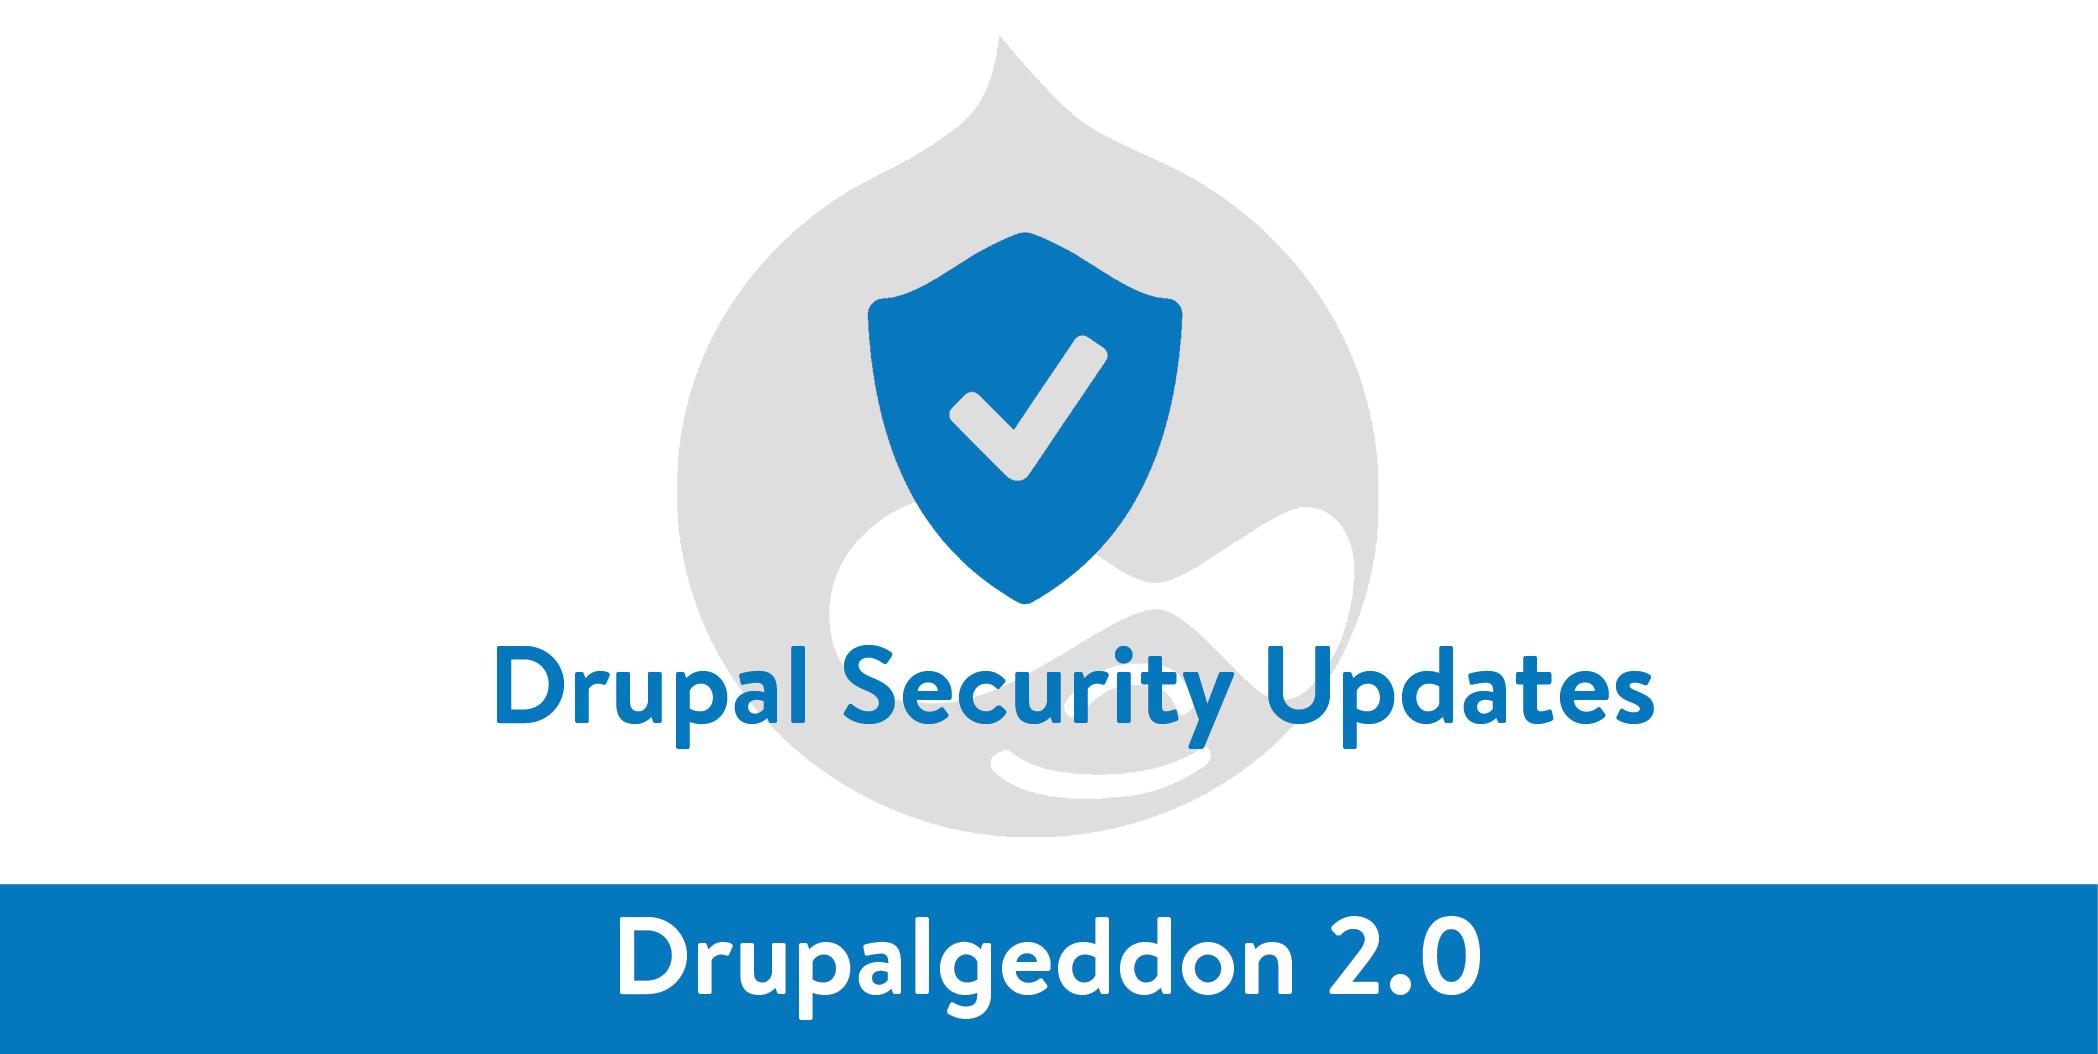 Administradores de Drupal: prepárense para un nuevo parche de emergencia para una vulnerabilidad crítica